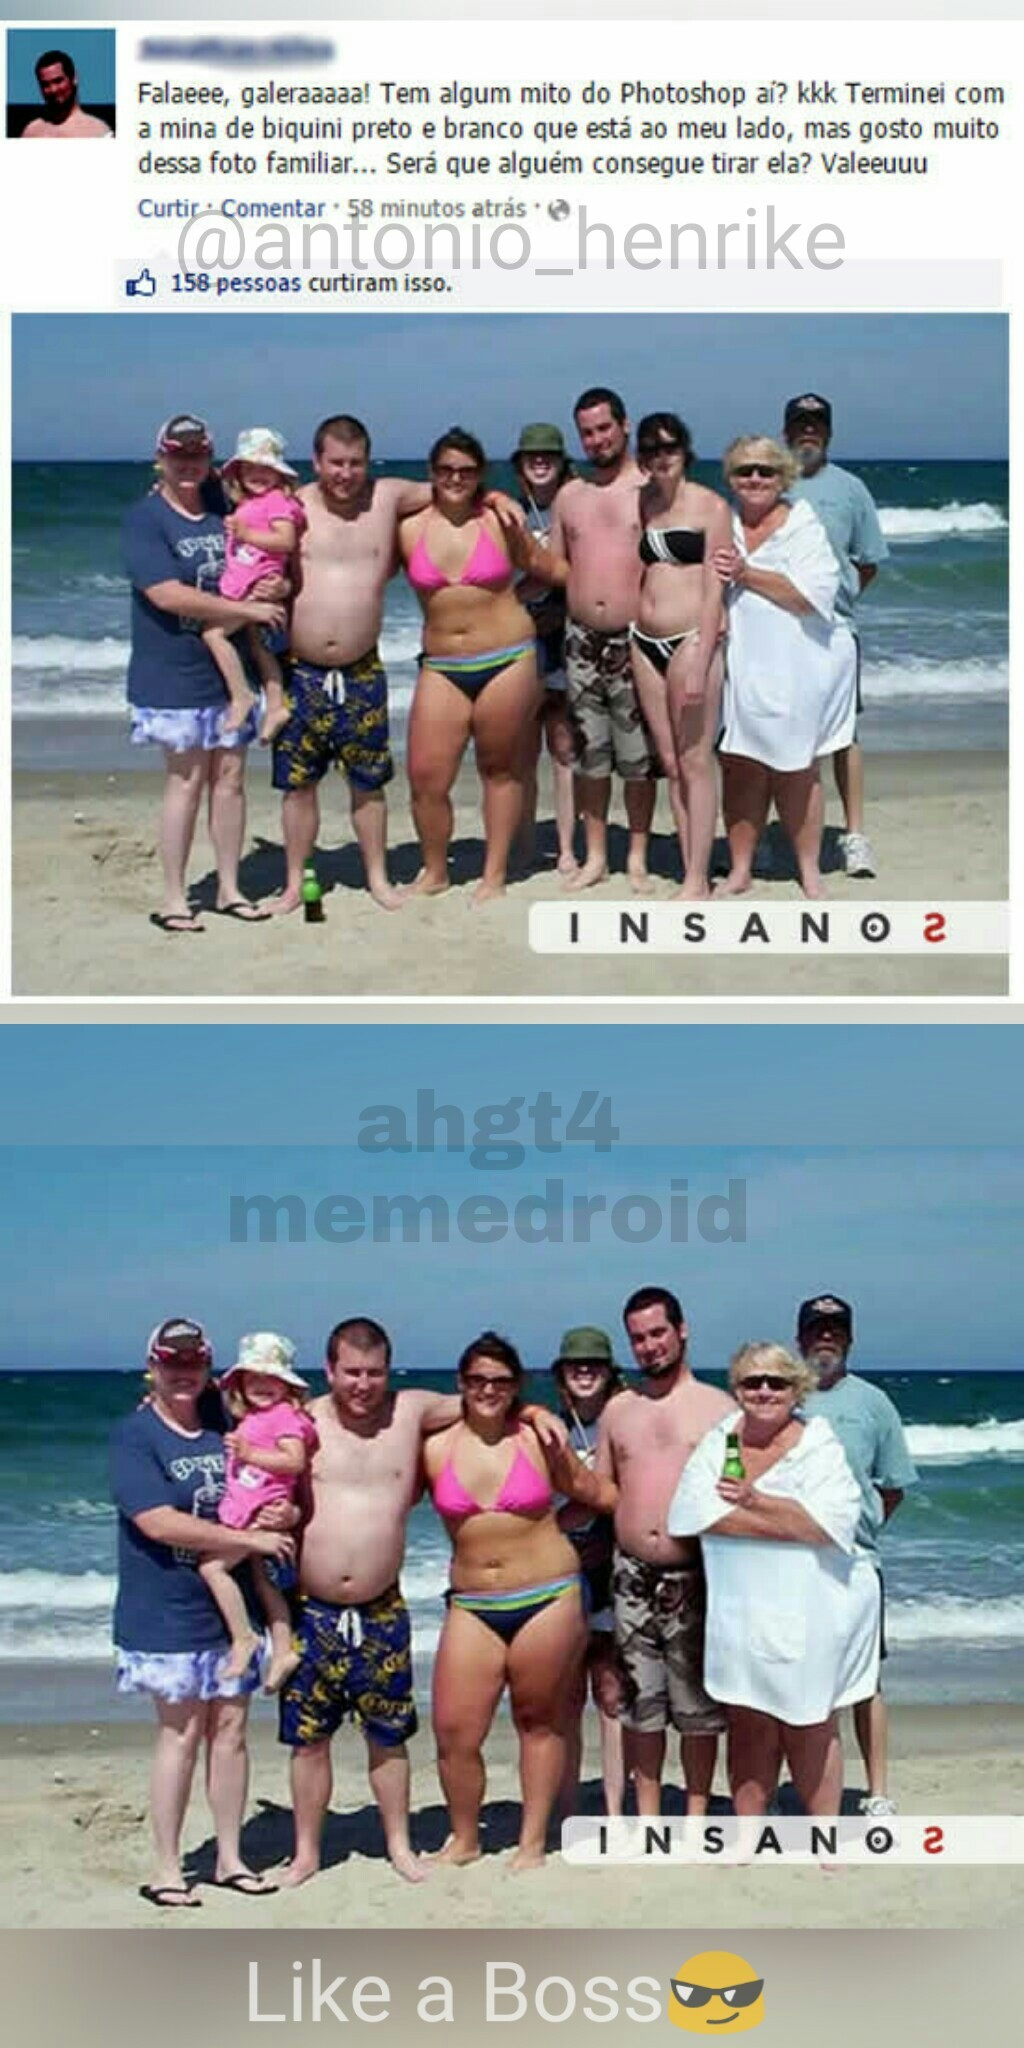 Like a boss do photoshop - meme